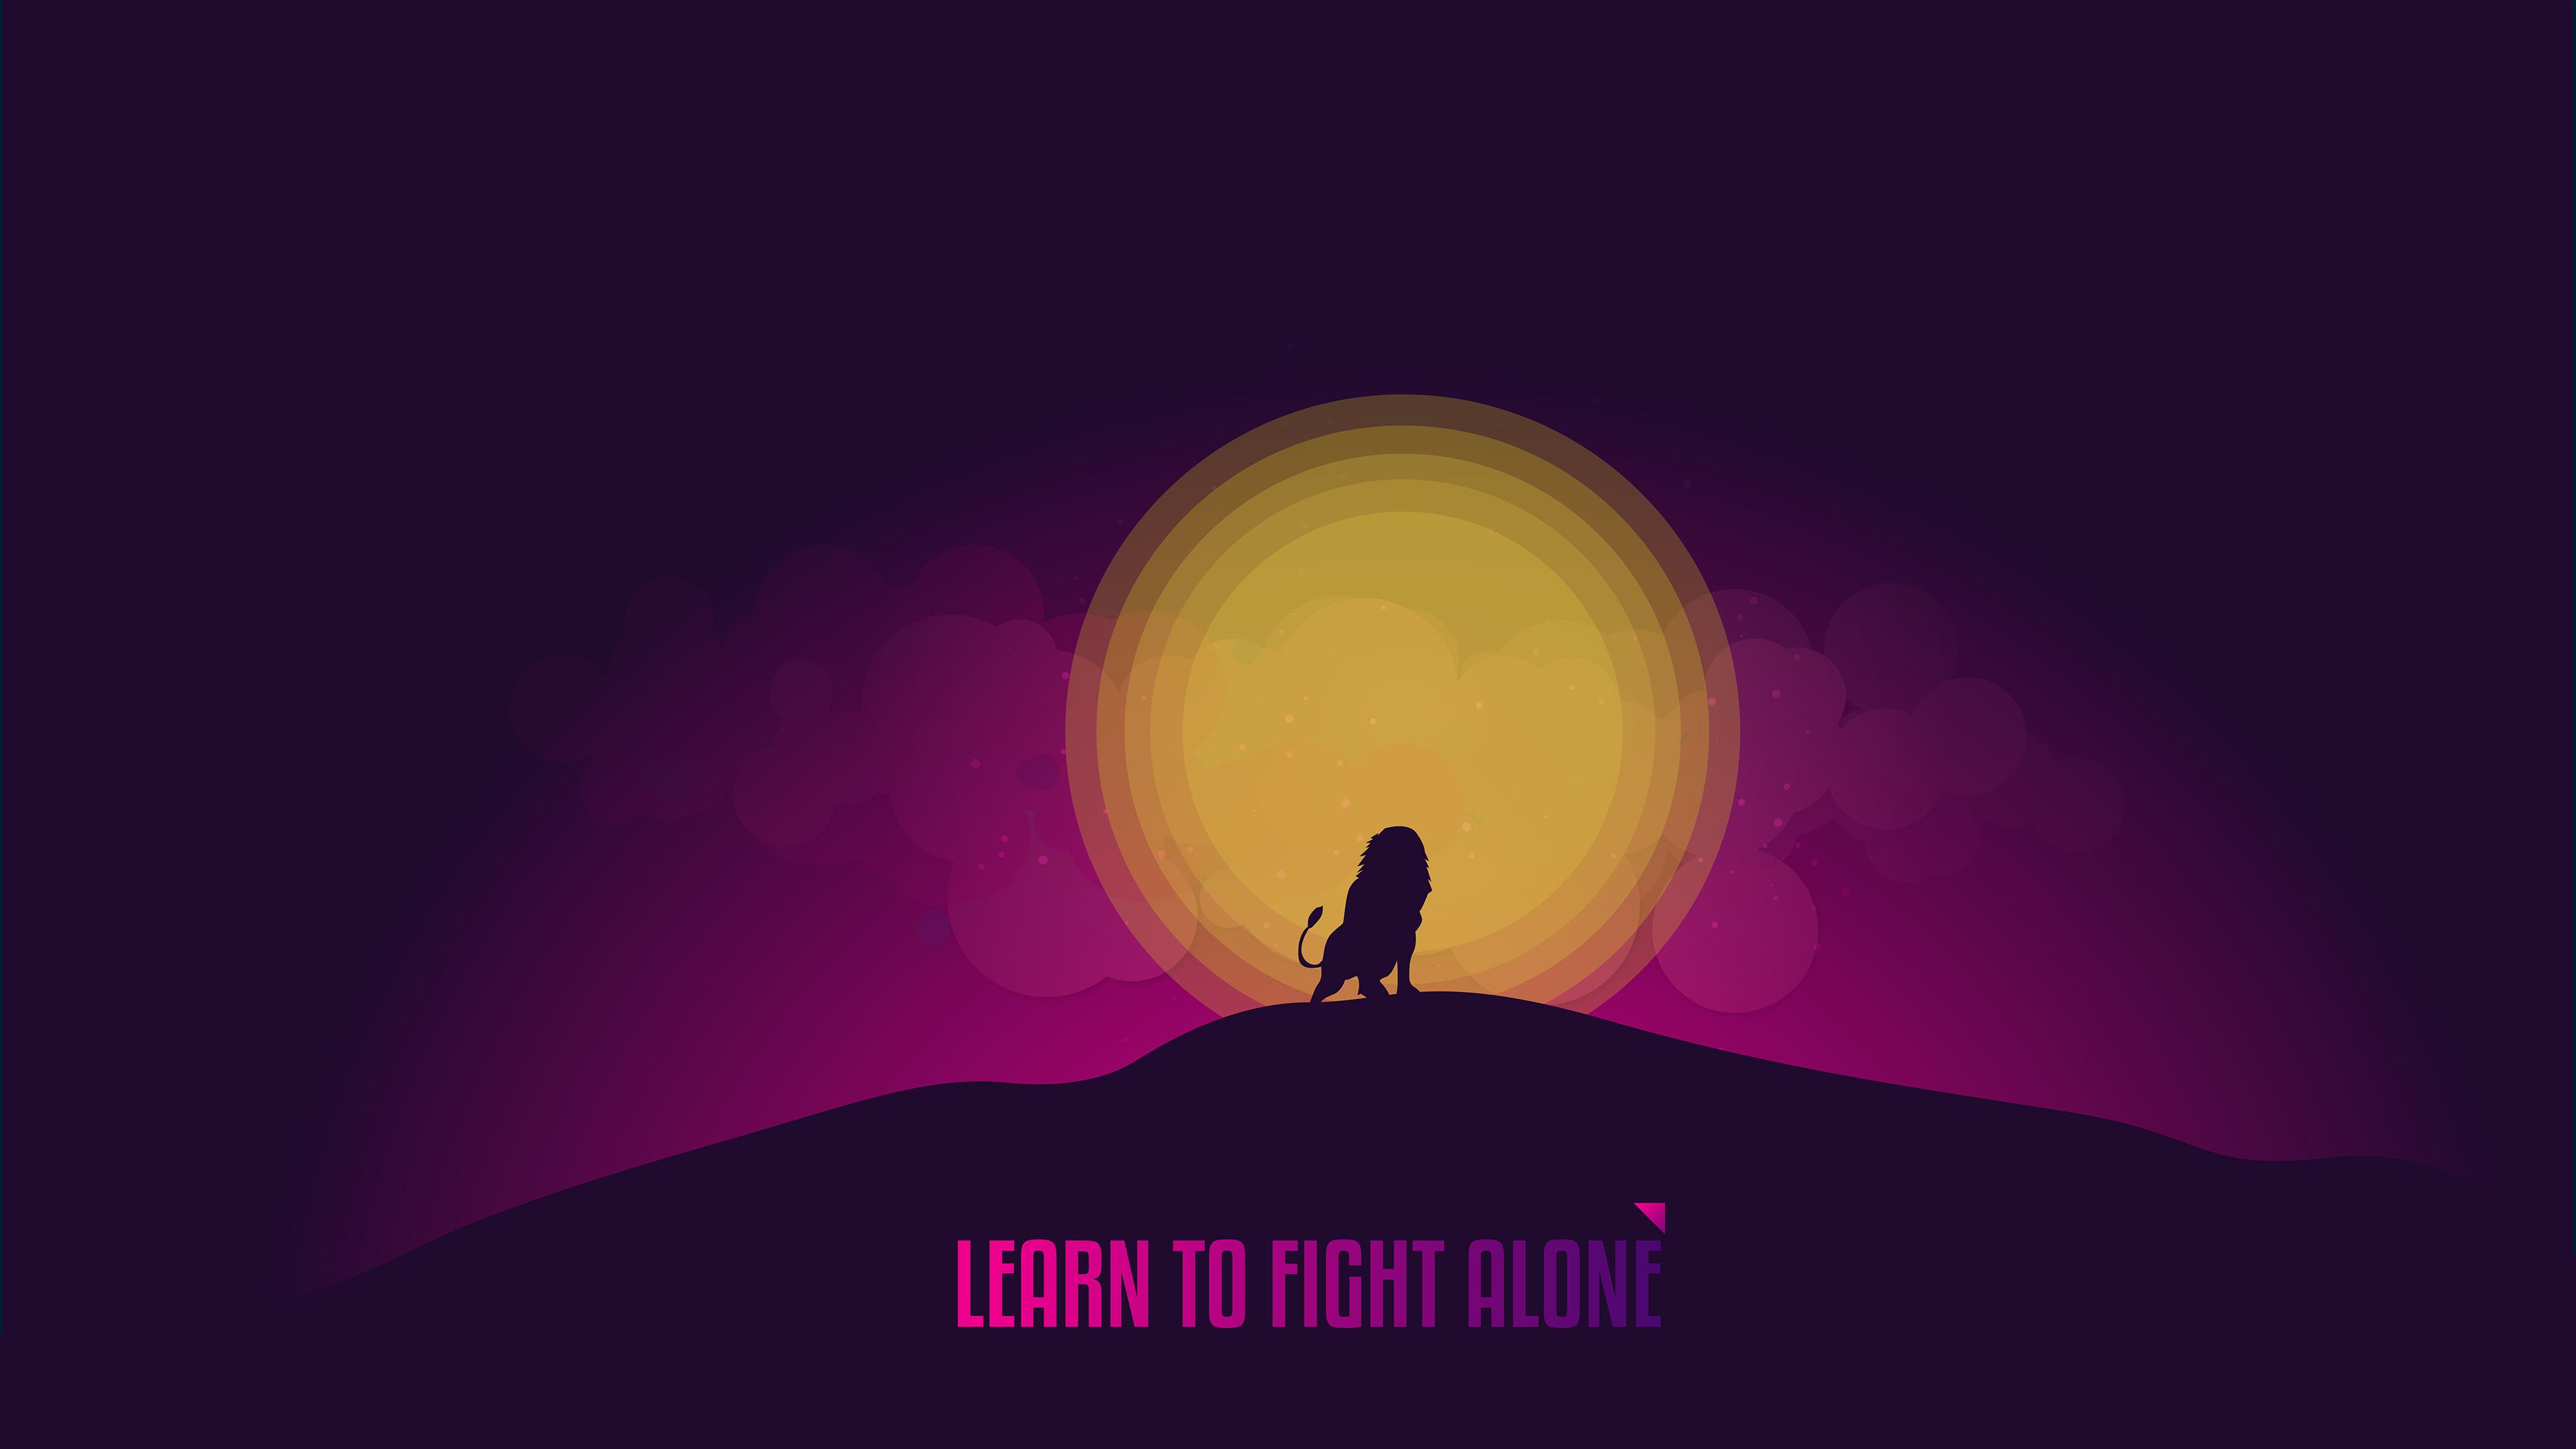 Learn To Fight Alone 4k Wallpaper Popular Quotes Inspirational Quotes Inspiring Motivational Quotes 1968